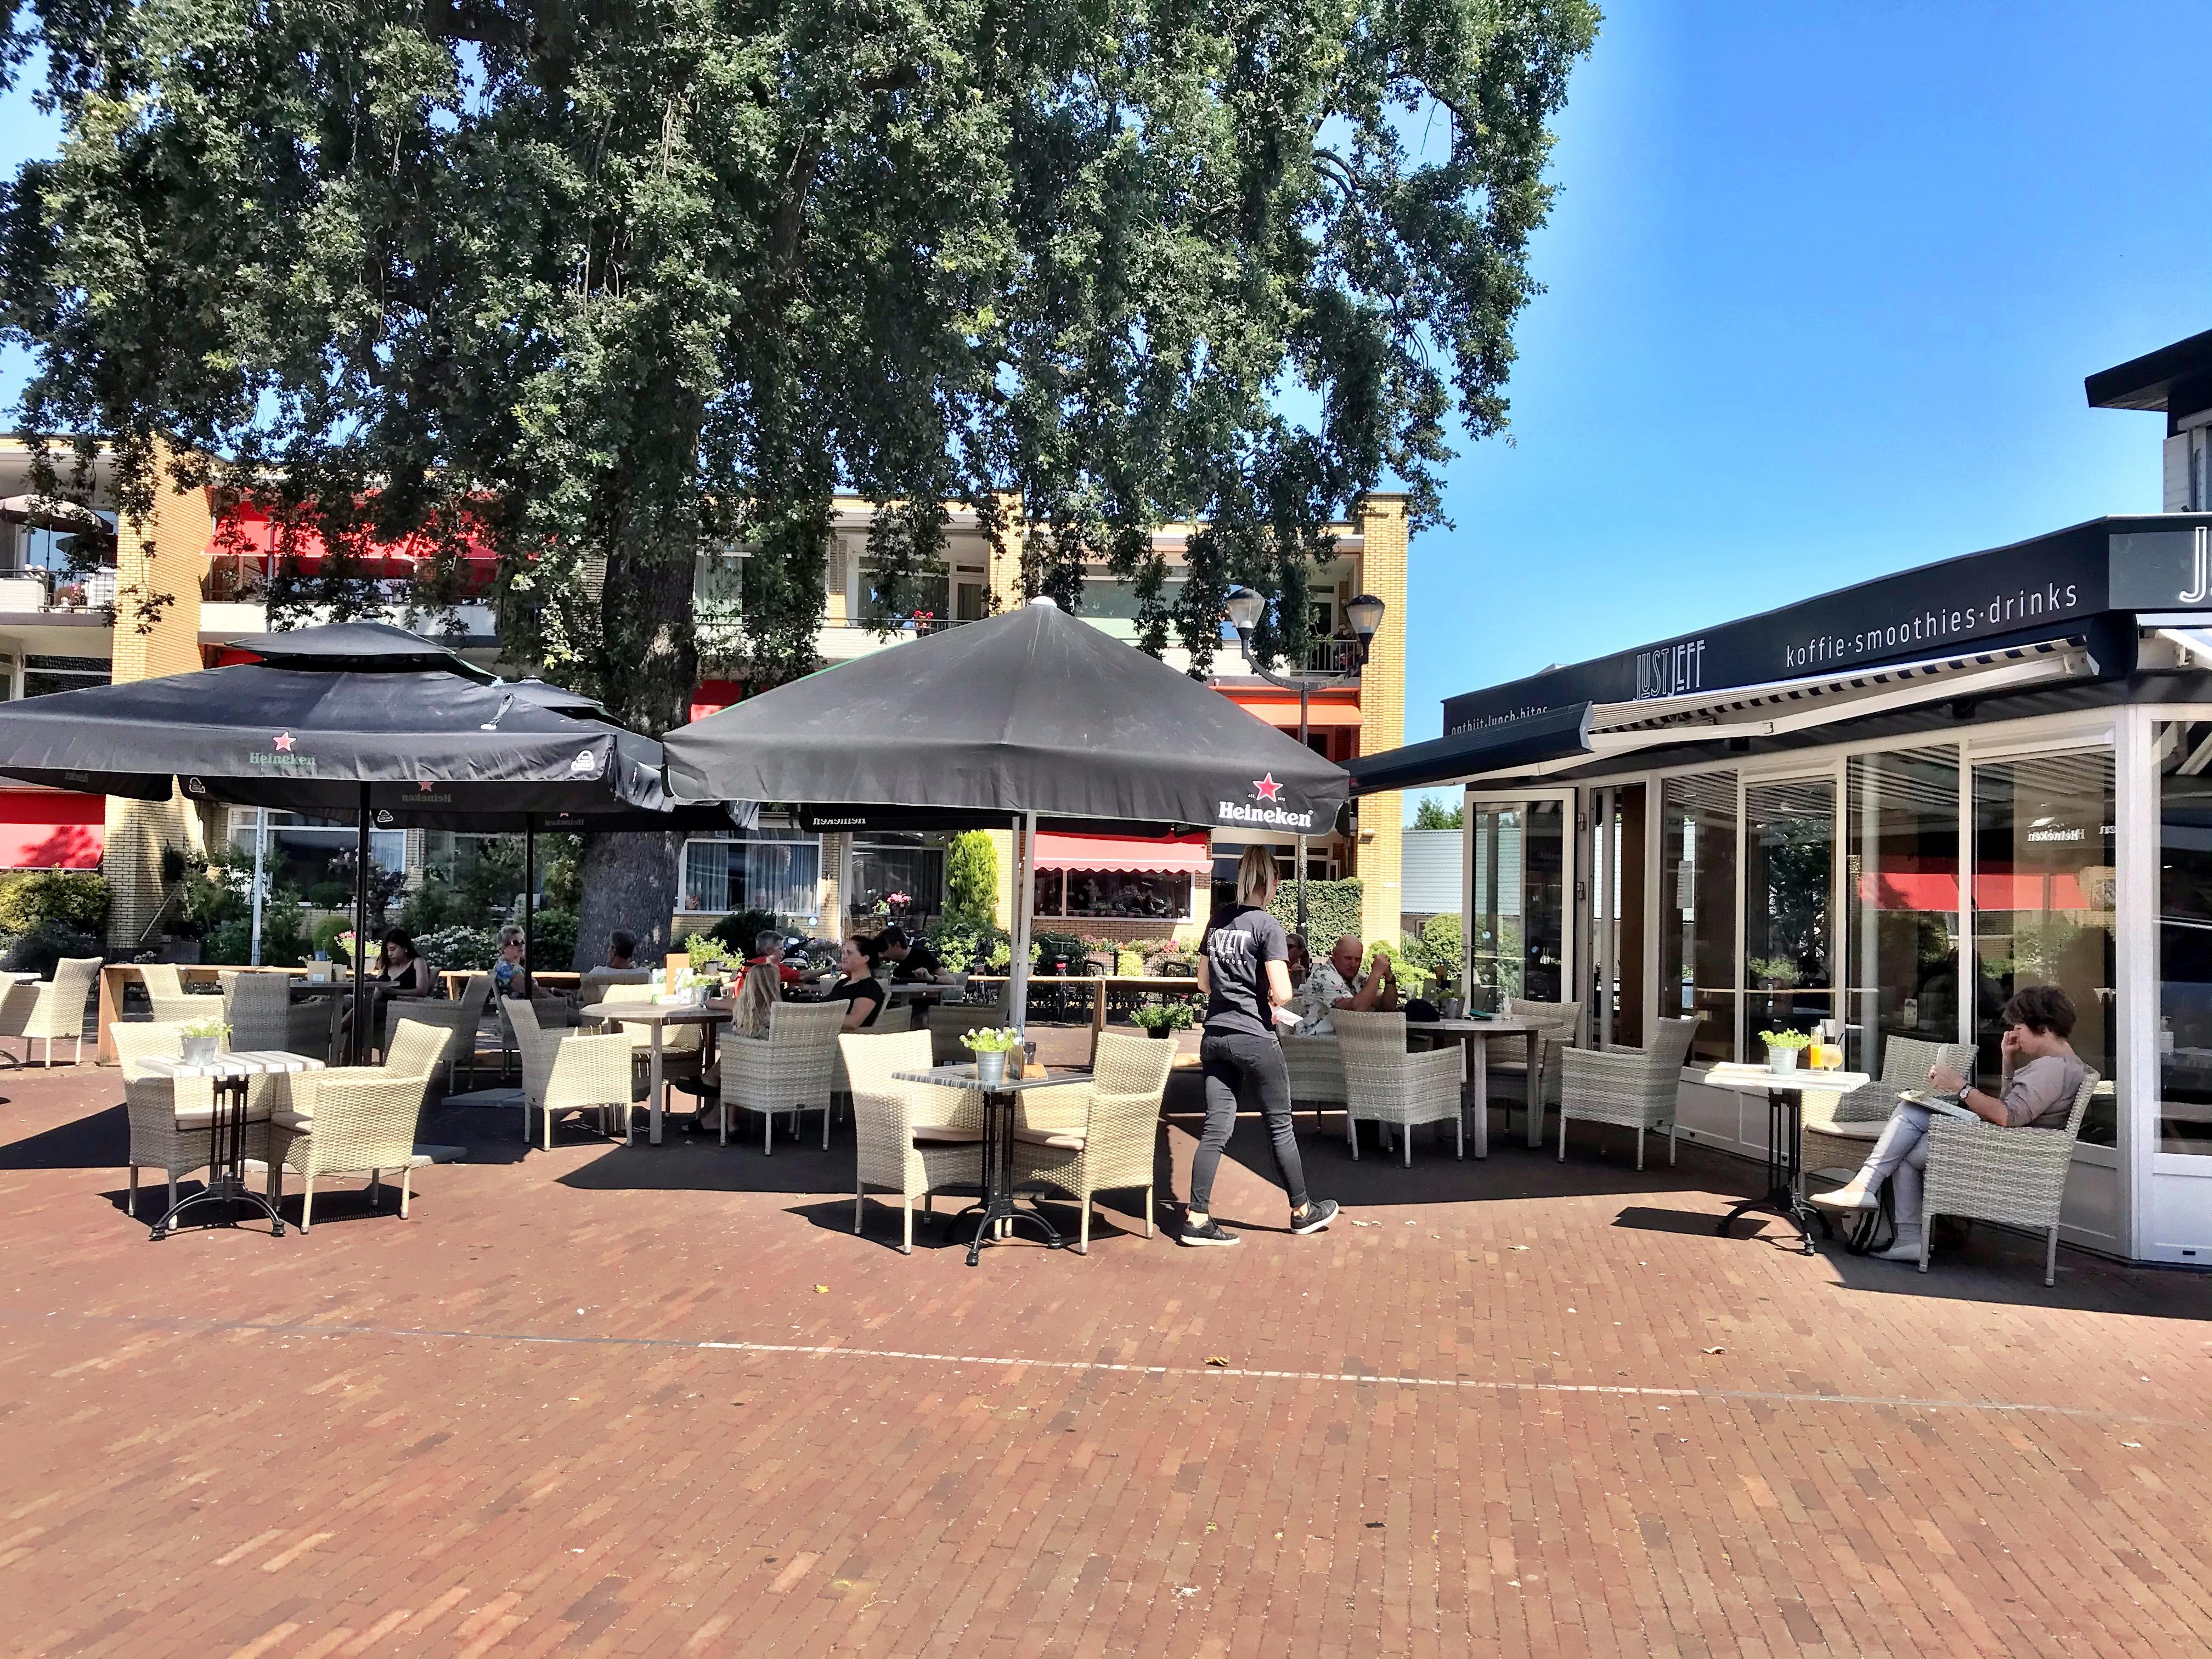 Terrassentest: Bij Just Jeff in Soest lunch je eigentijds, maar is er ook (een beetje) ruimte voor de vleeseter